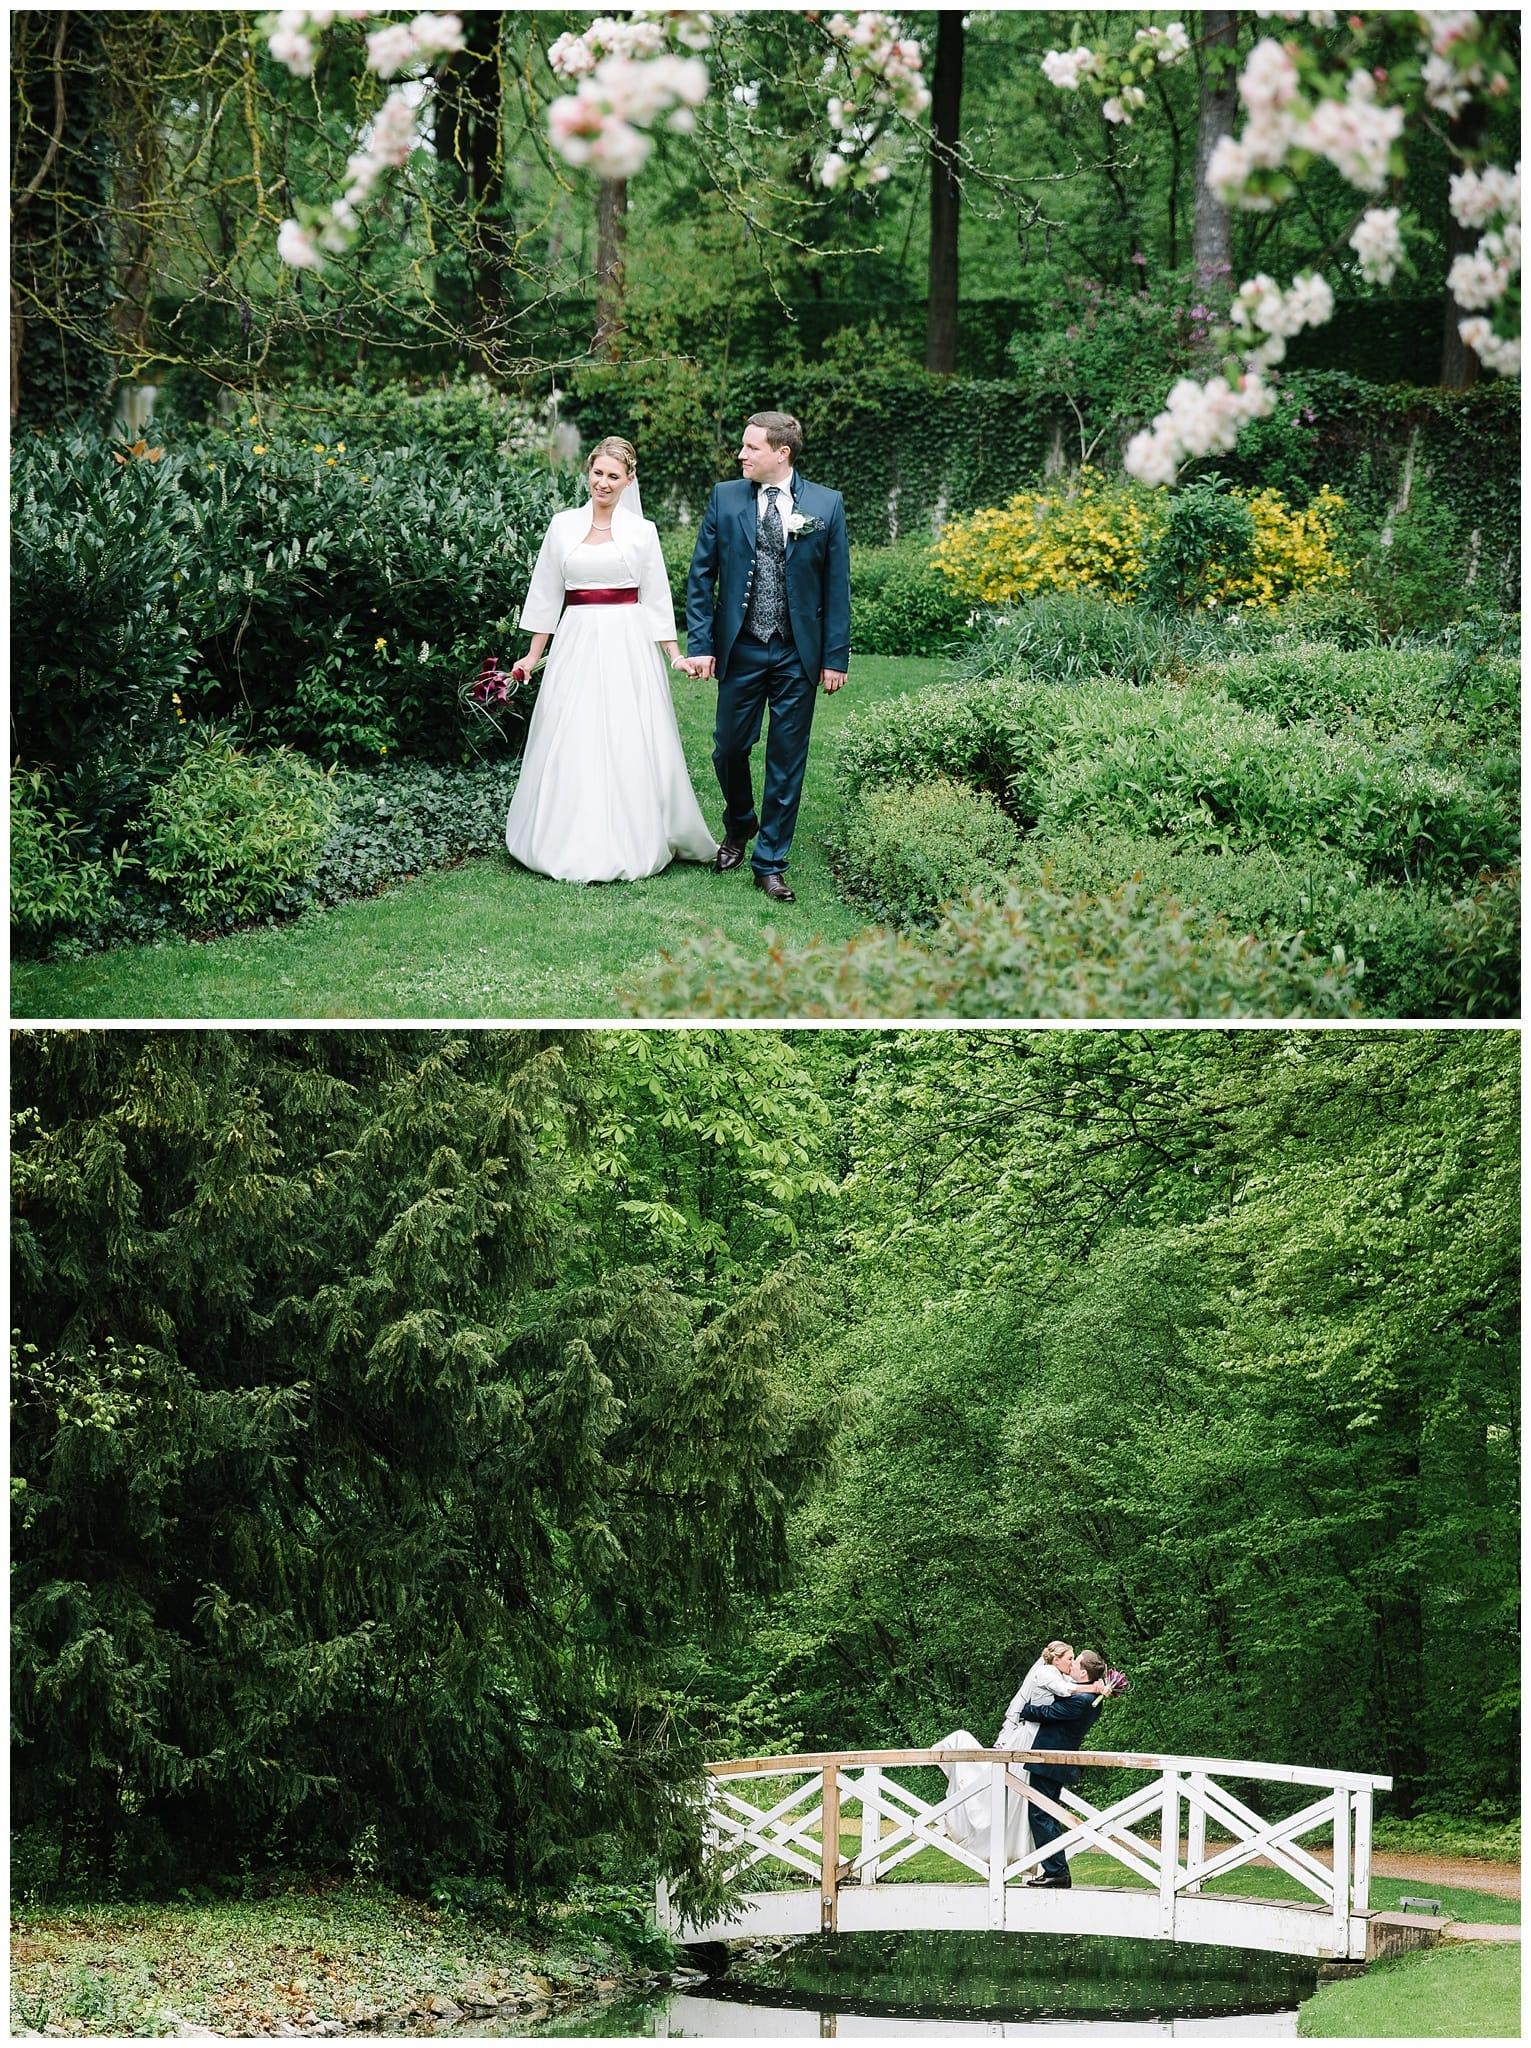 MaMa Wedding Sonja und Jens Hochzeitsfotografie Heidelberg15